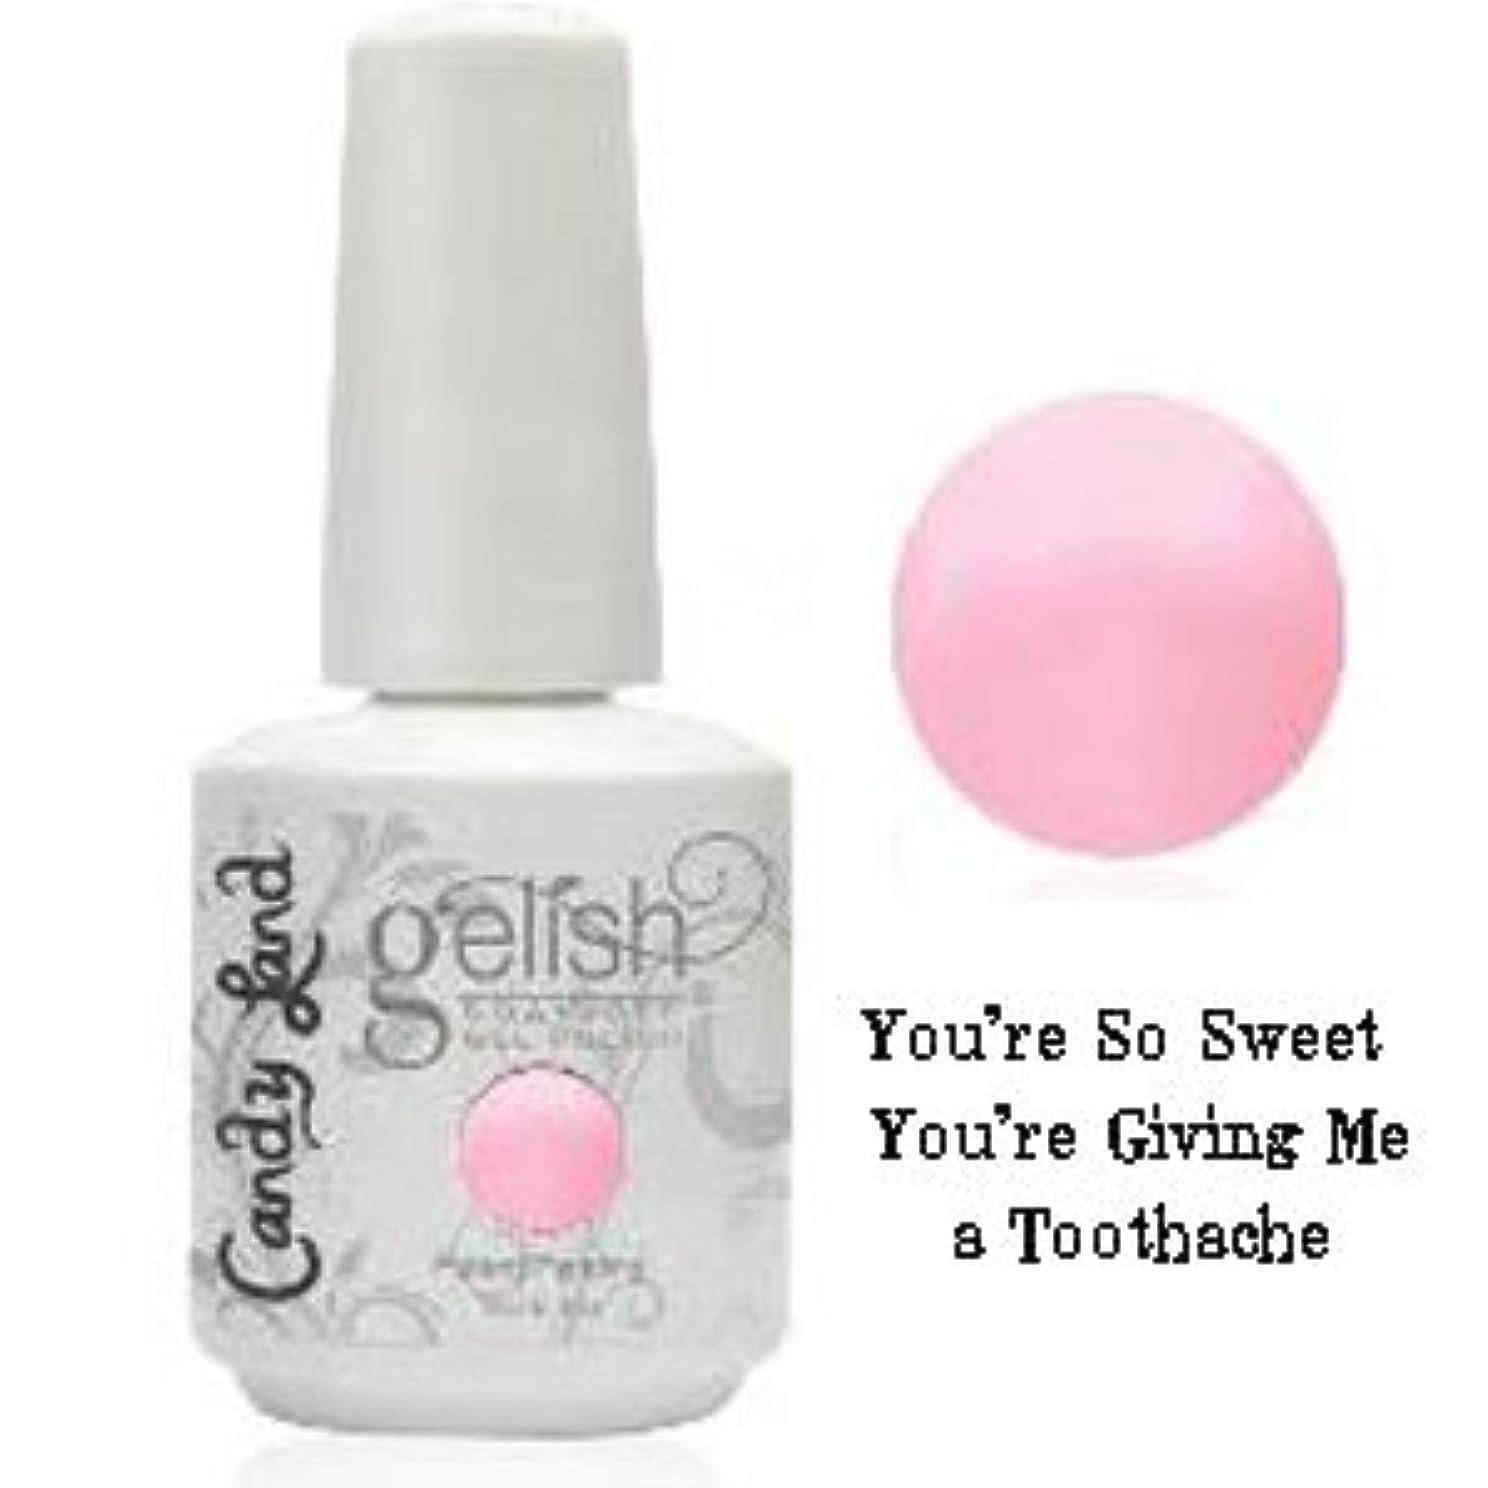 プレゼンター鮮やかな振りかけるHarmony gelishソークオフジェル-You're So Sweet You're Giving Me a Toothache -キャンディーランドコレクション 15ml [海外直送品][並行輸入品]